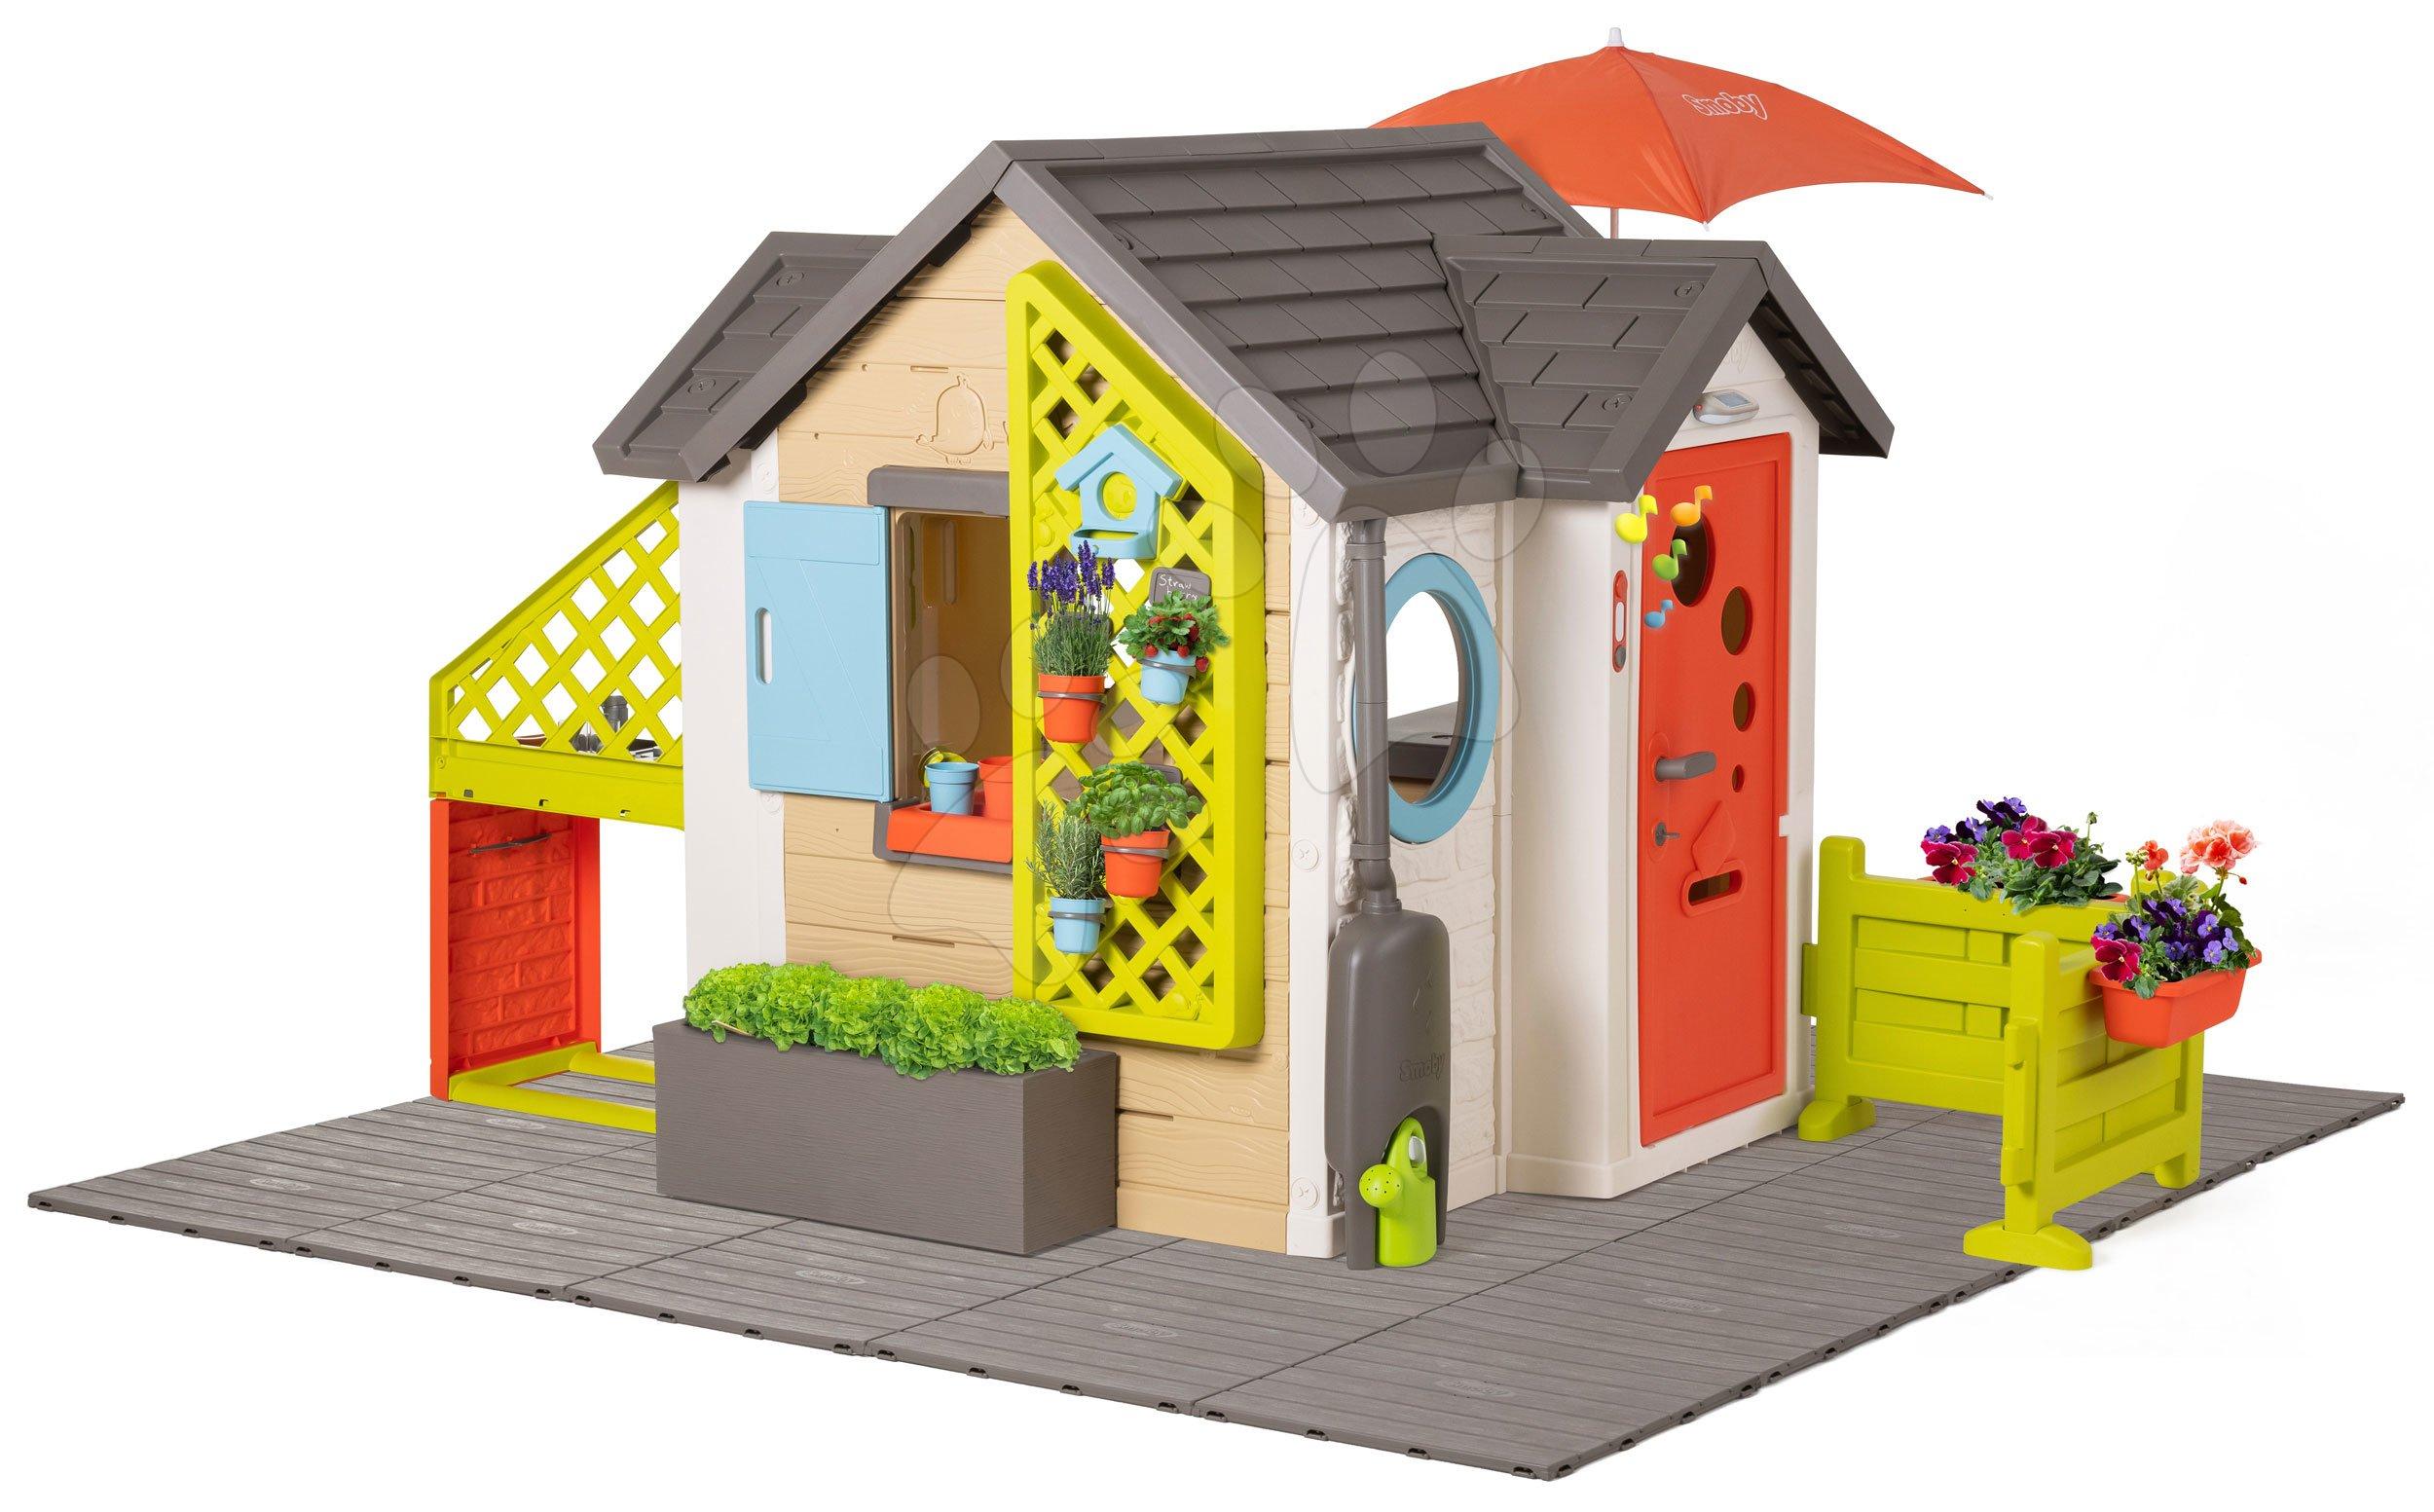 Domček pre záhradníka Garden House Smoby výnimočne rozšíriteľný so základnou komplet výbavou od 24 mes